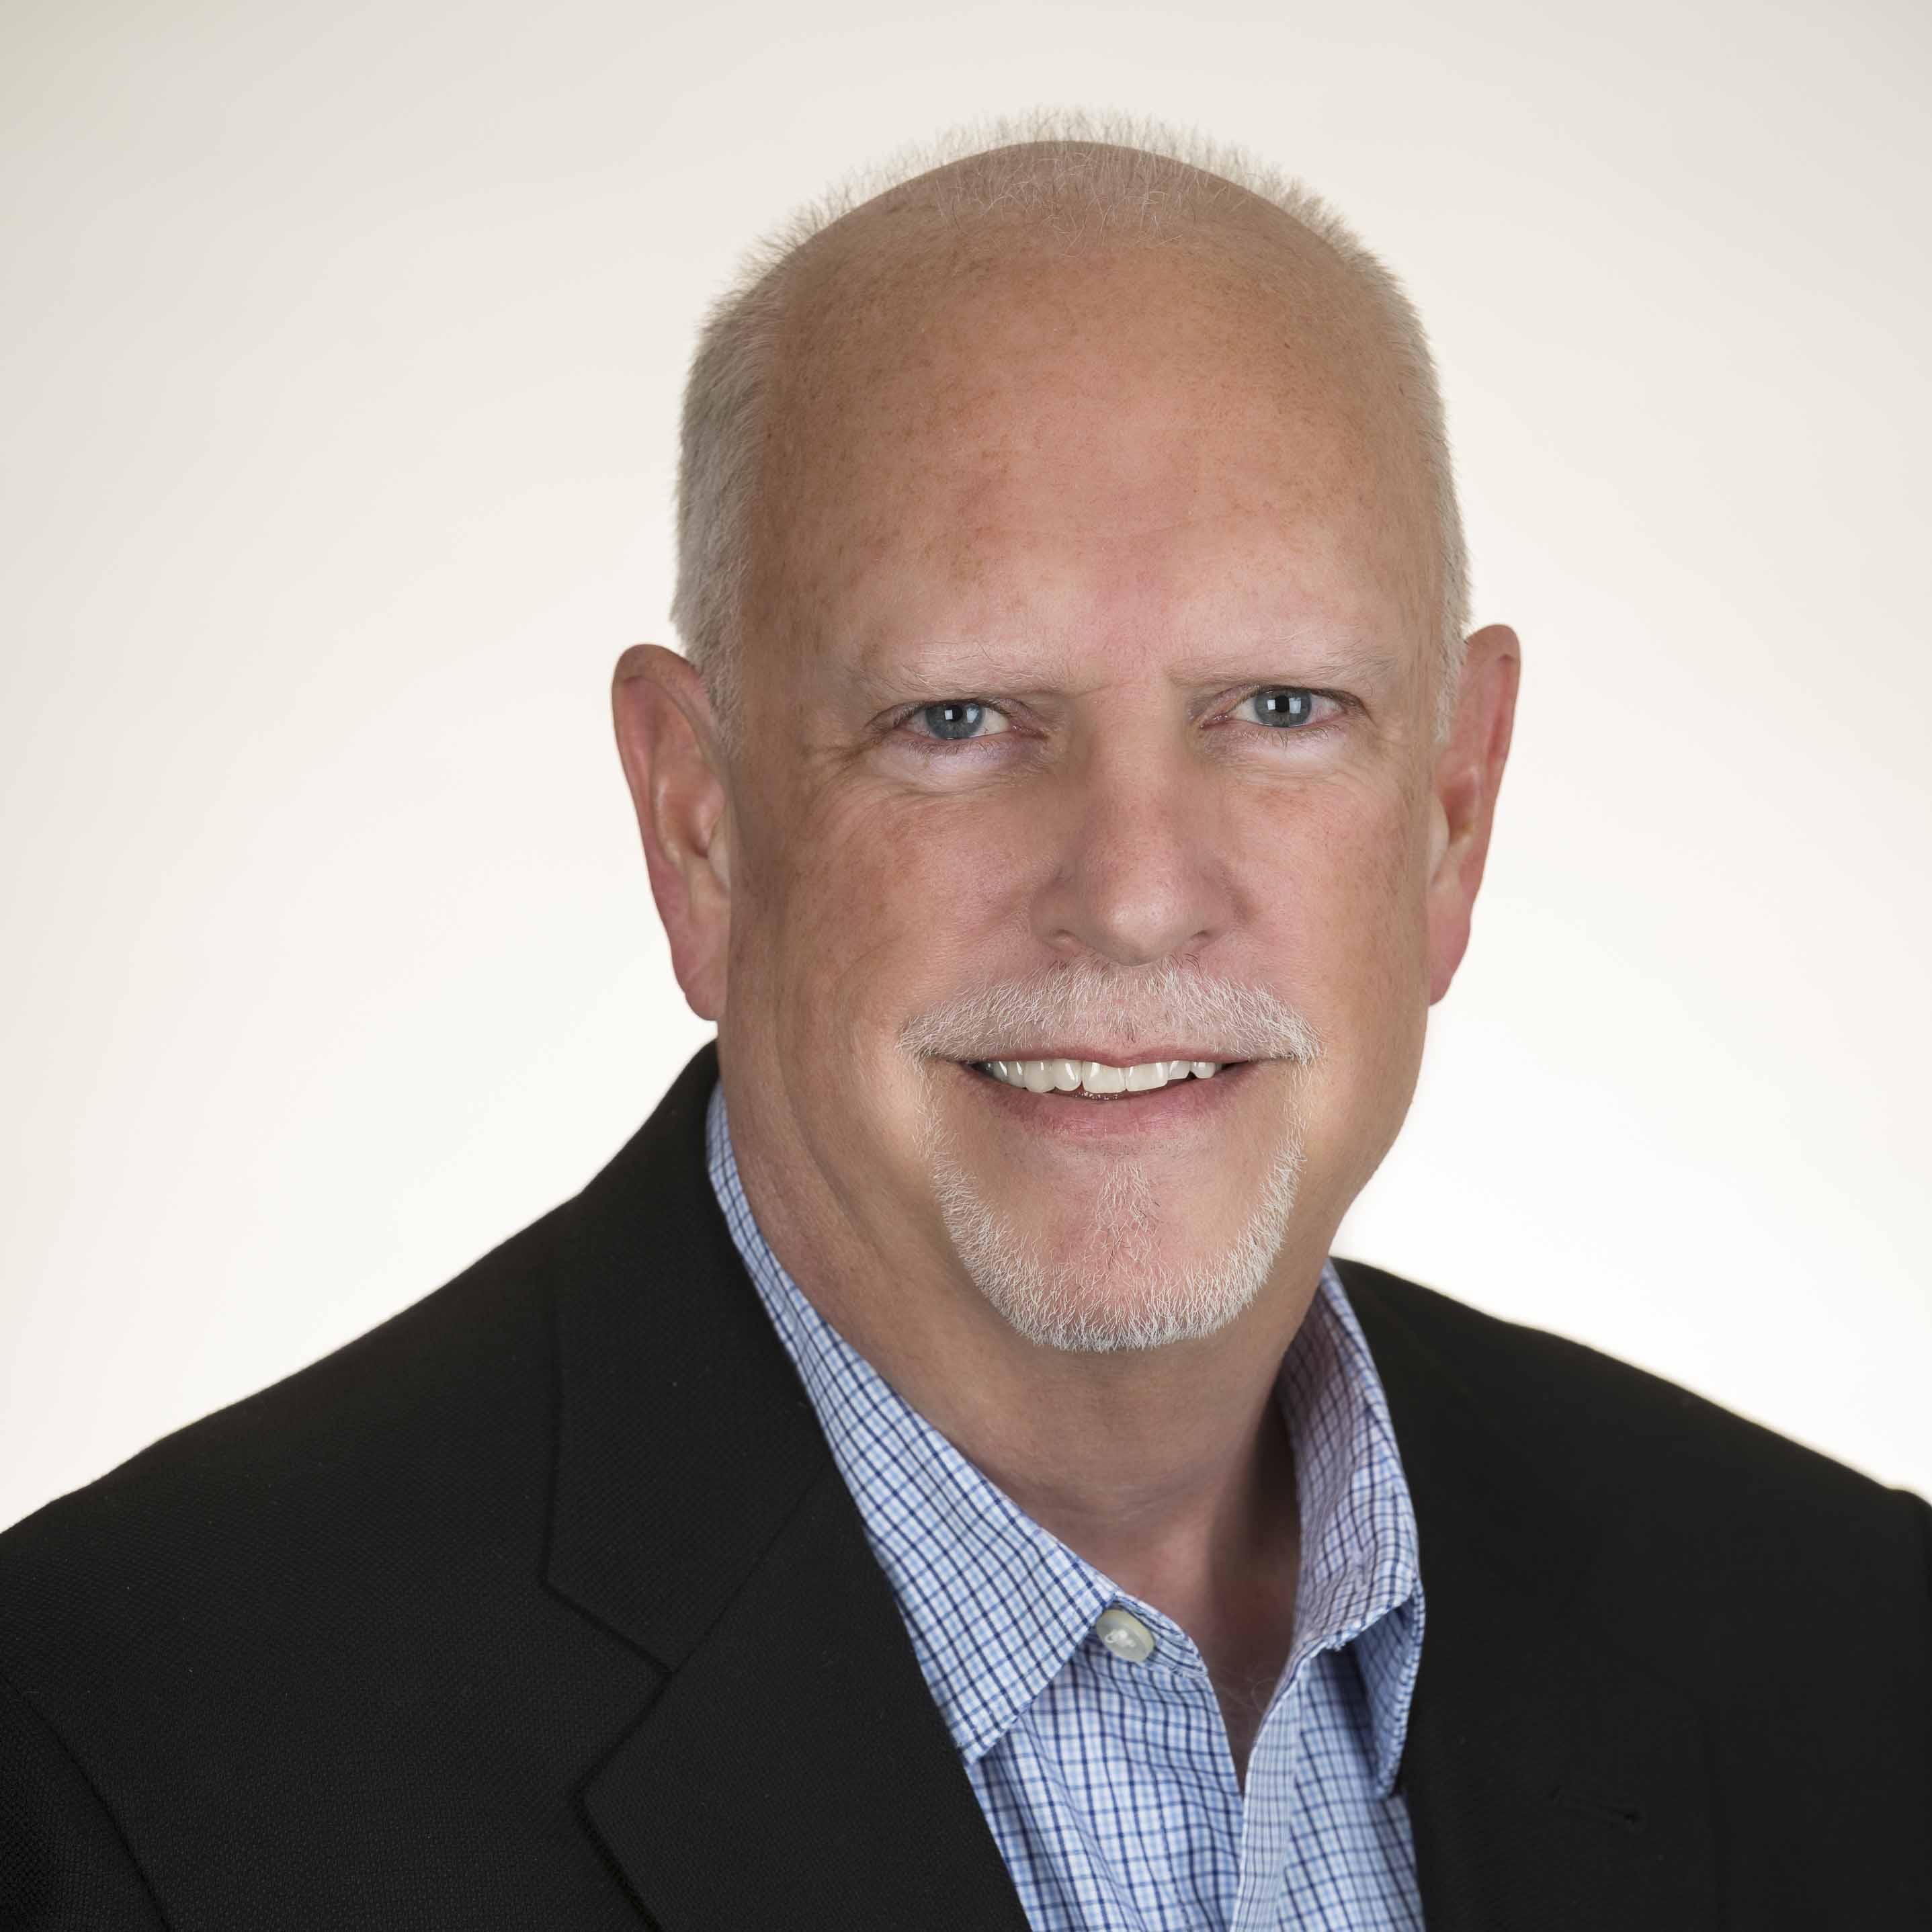 Steve Koenemann